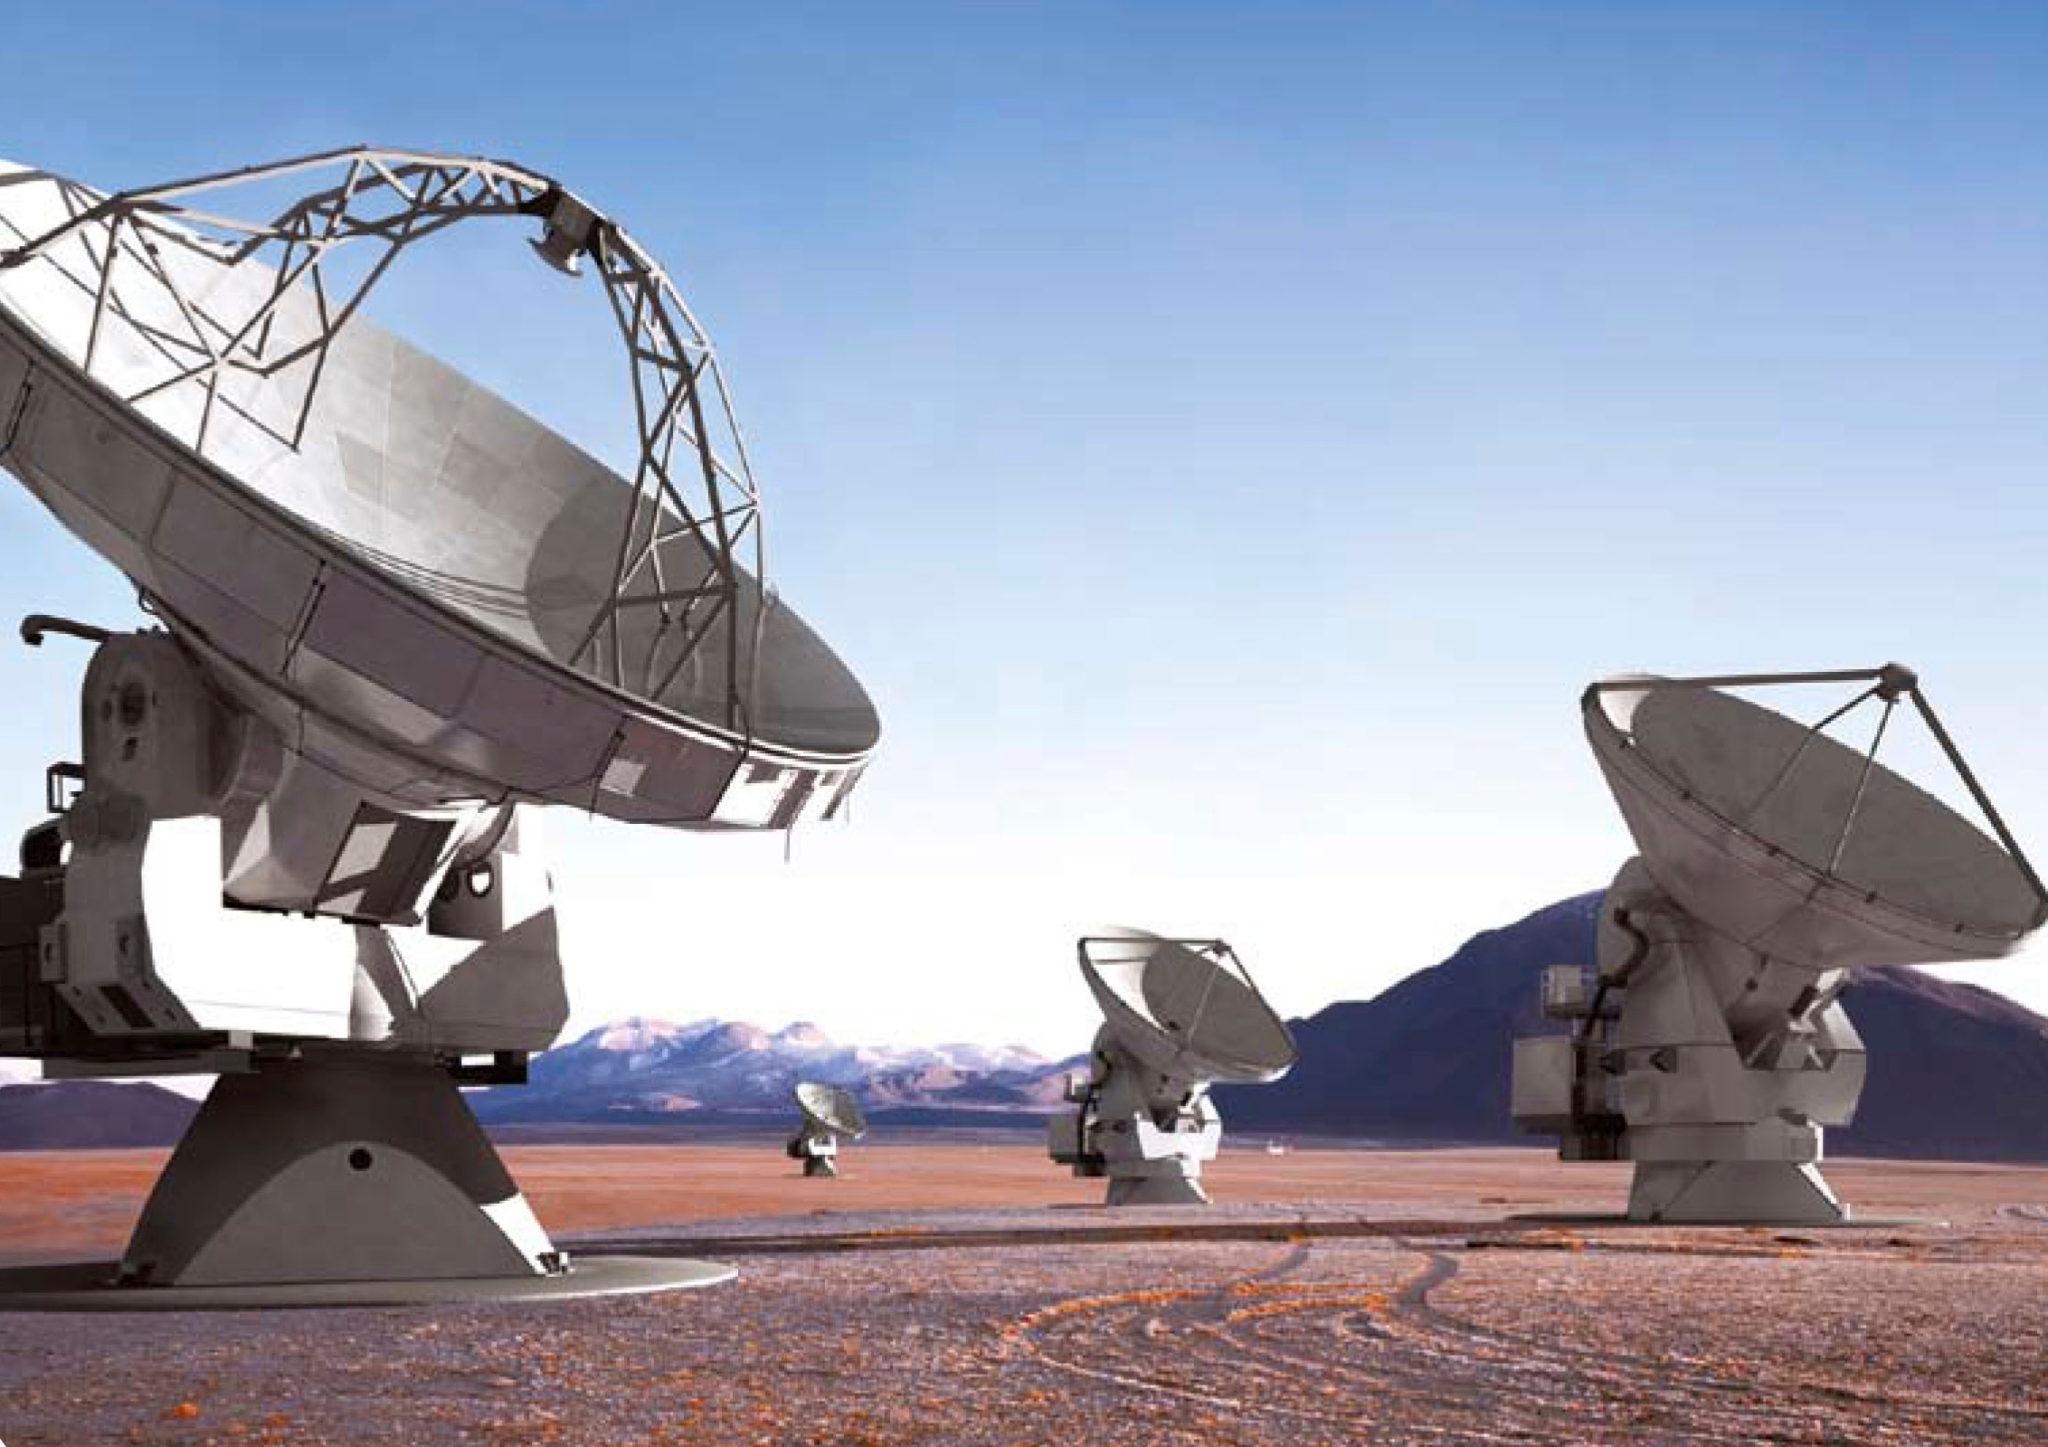 Séances d'astronomie remplacées